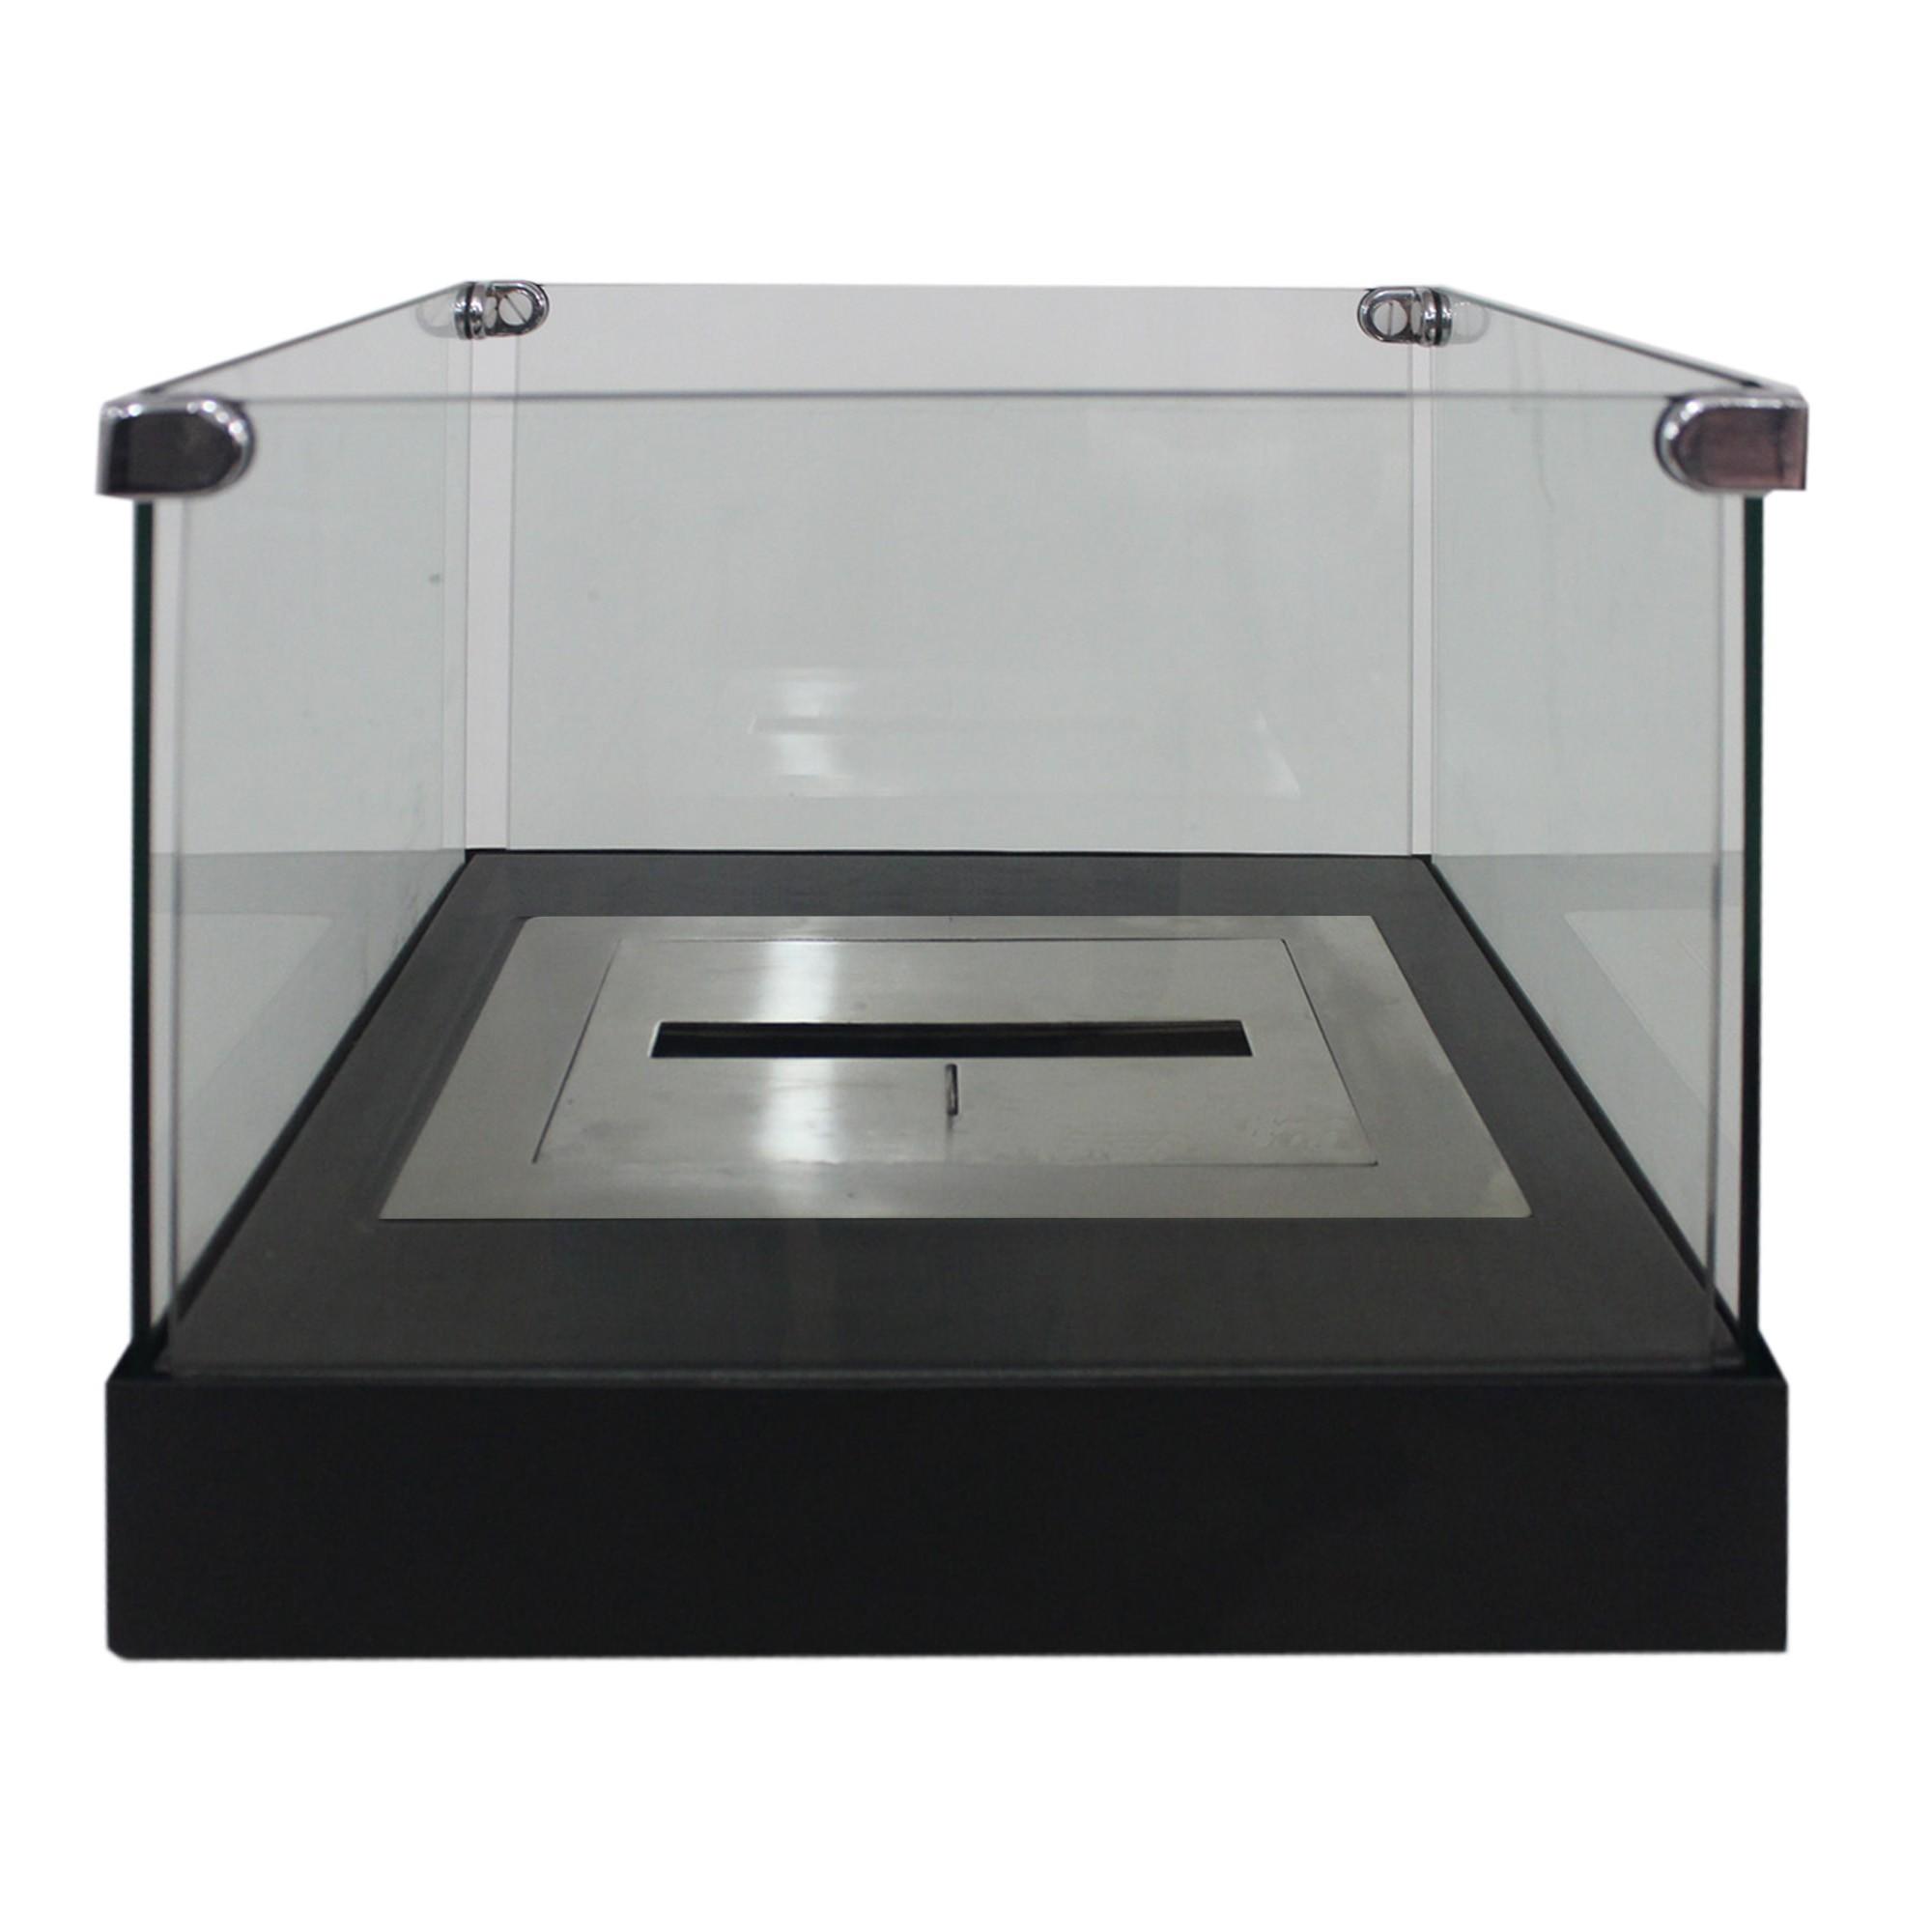 bio ethanol gel kamin ofen garten terrasse feuerstelle. Black Bedroom Furniture Sets. Home Design Ideas